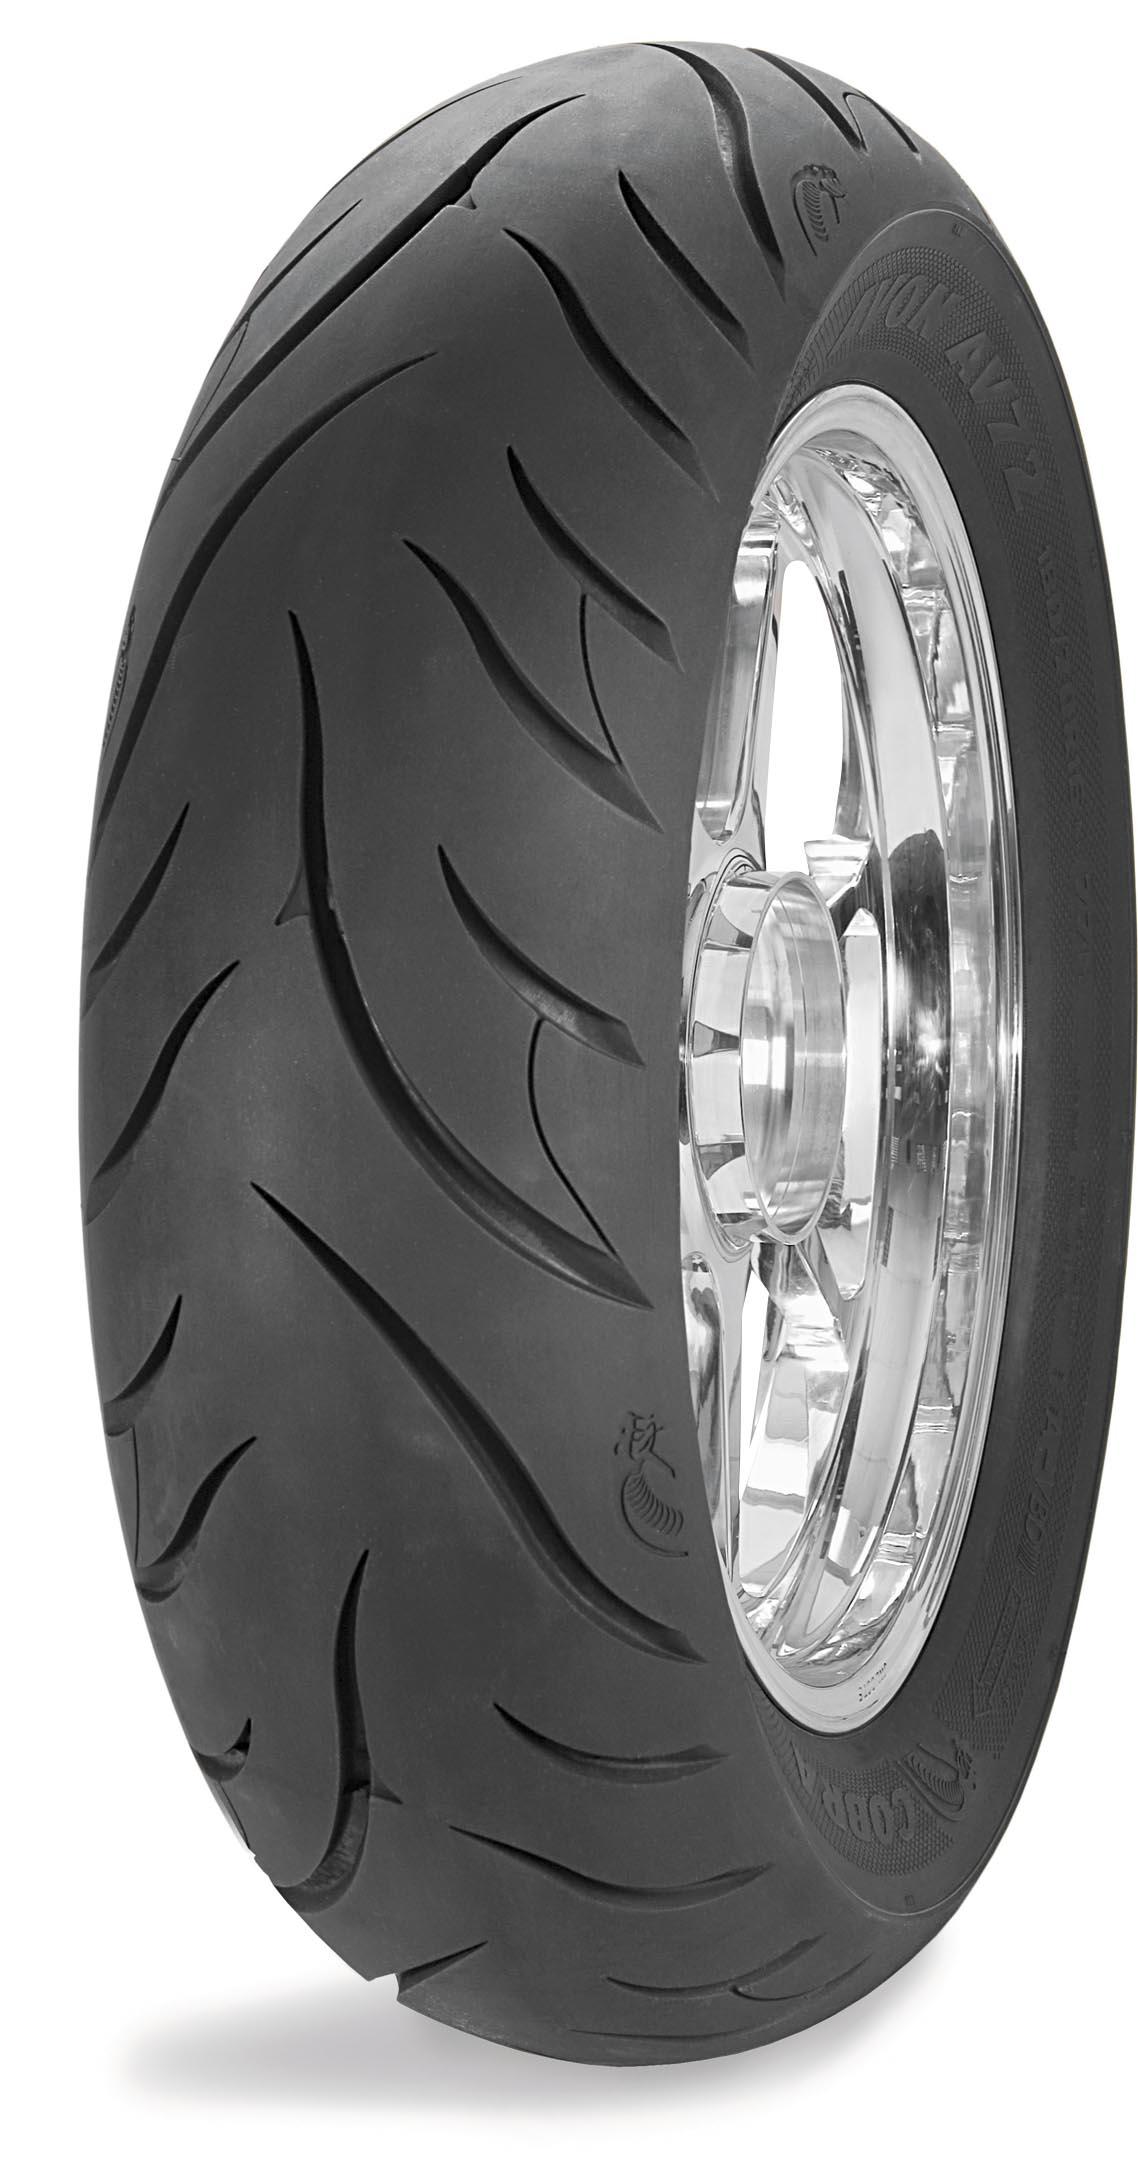 AV71/AV72 Cobra Tires